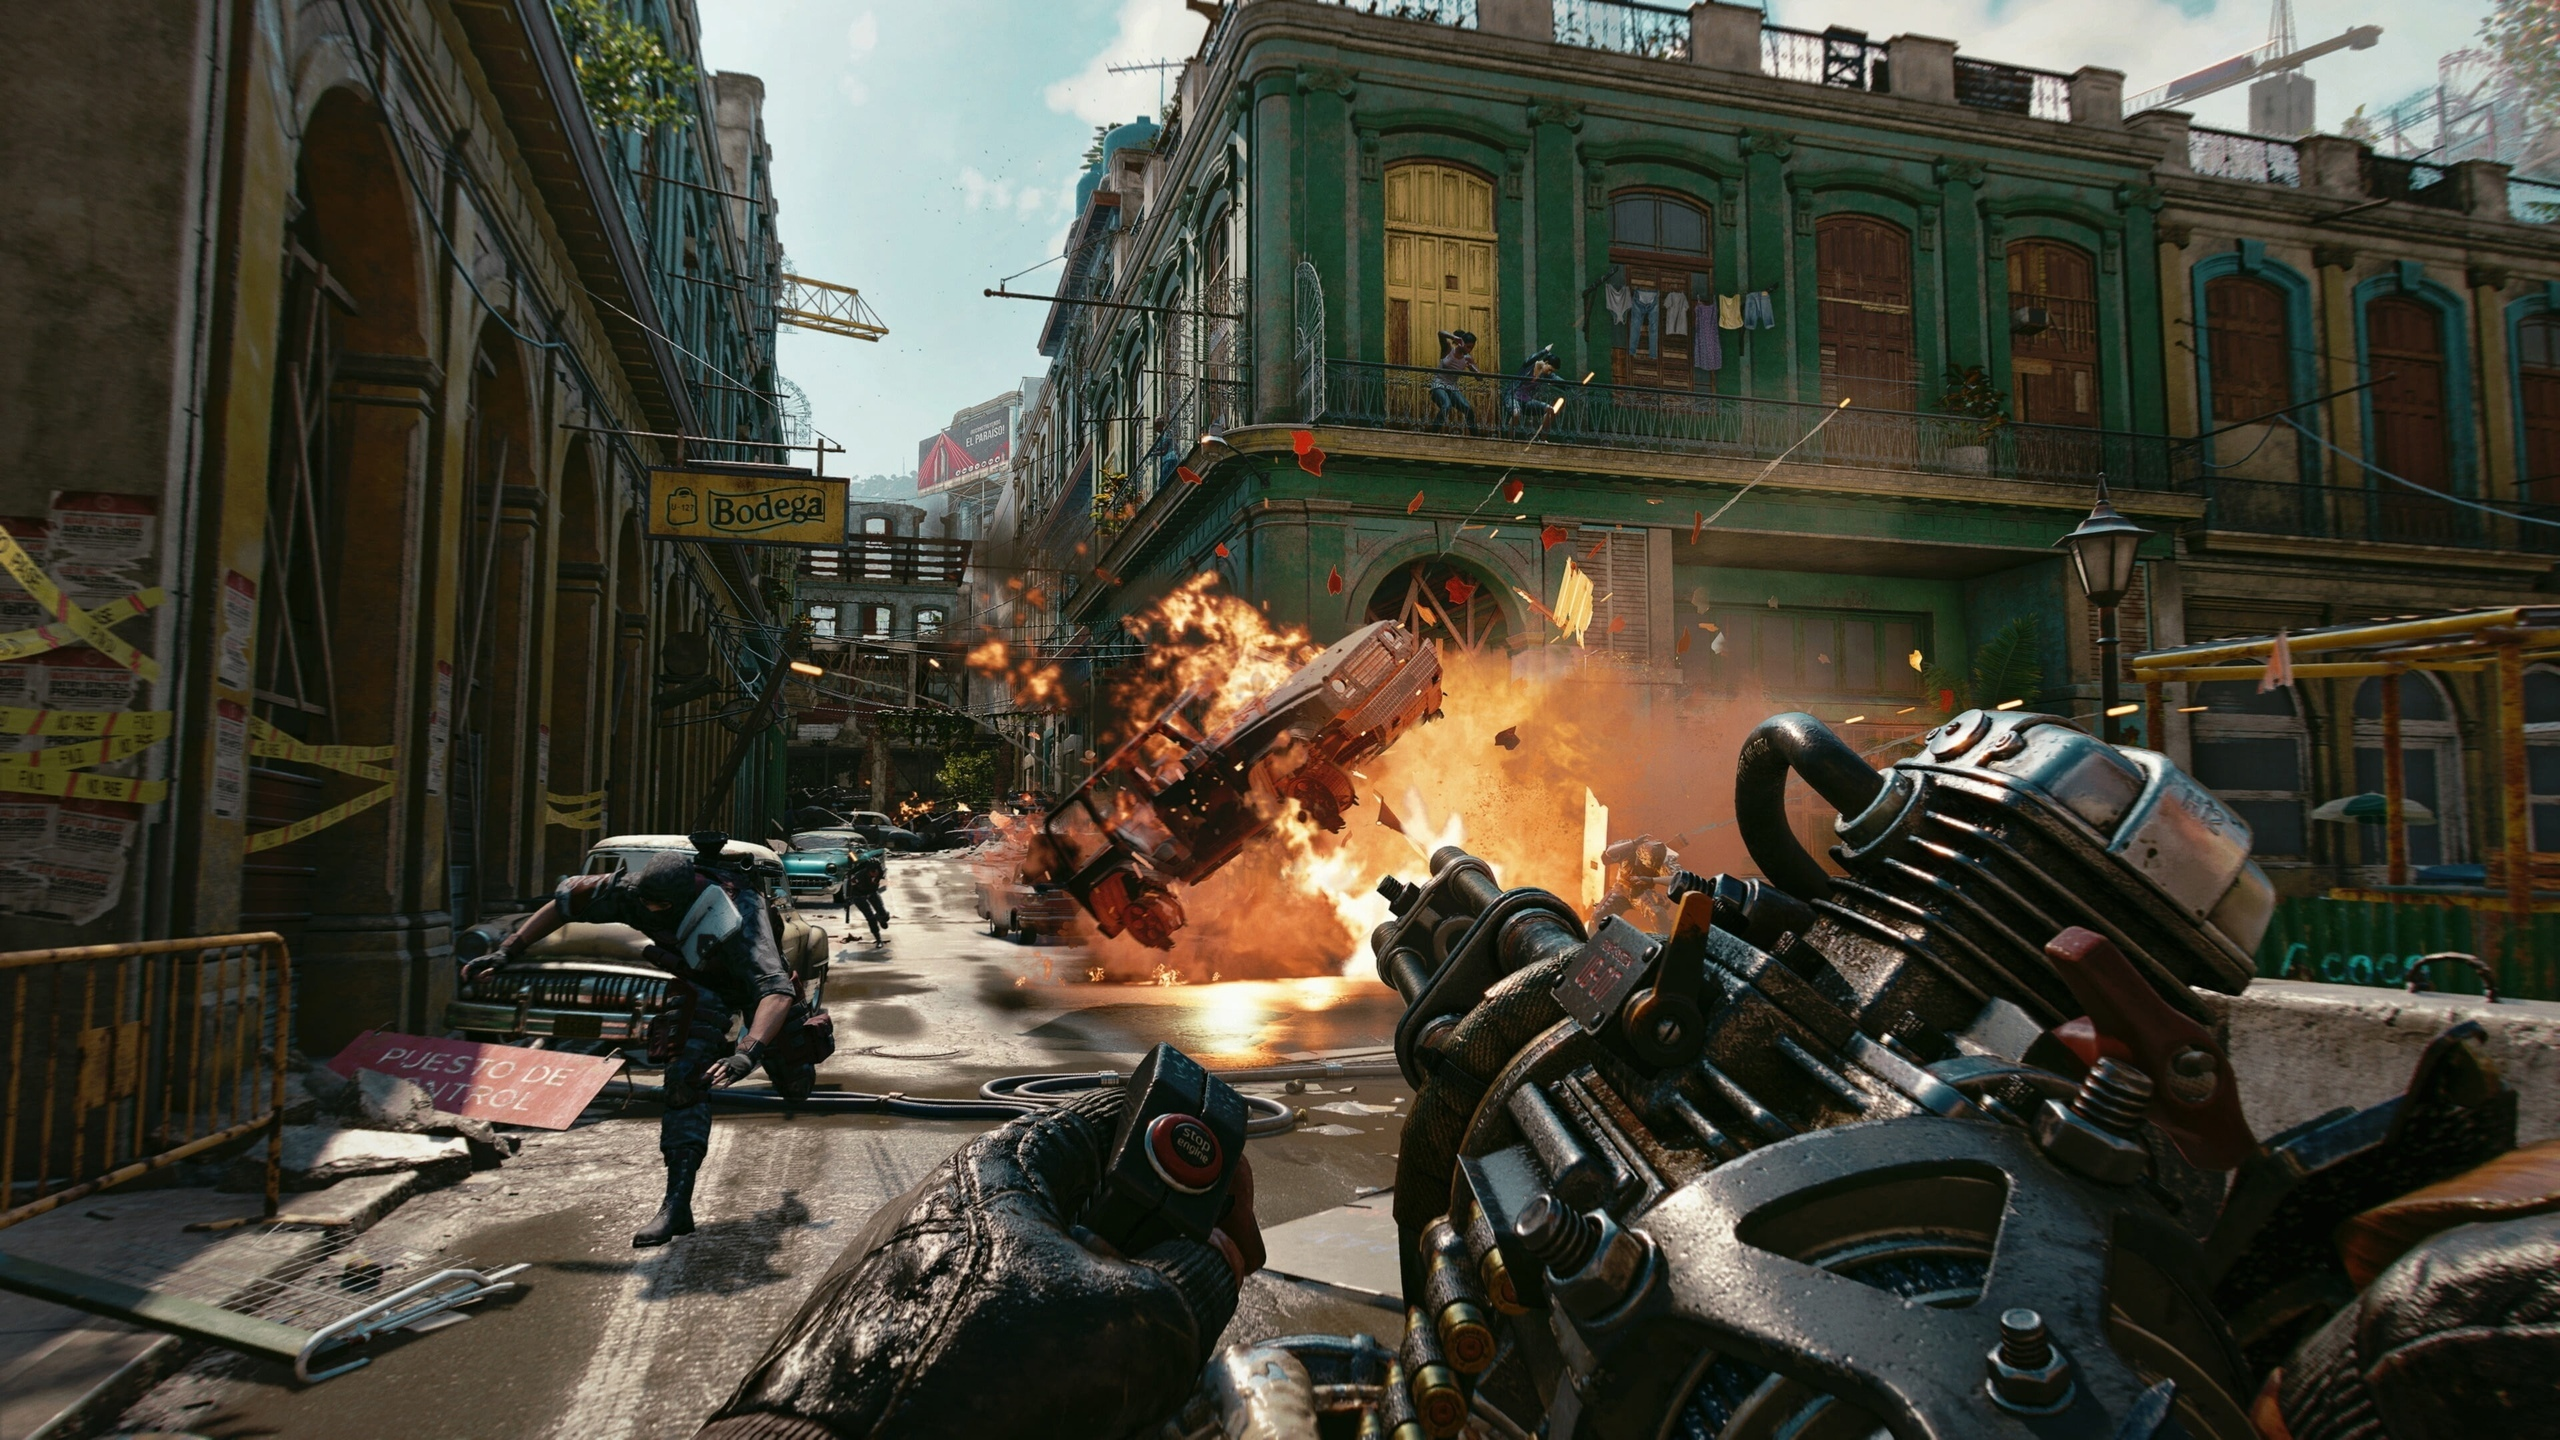 Сейчас пошла новость о том разработчики Far Cry 6 не хотят делать с помощью игры каких-то политических заявлений